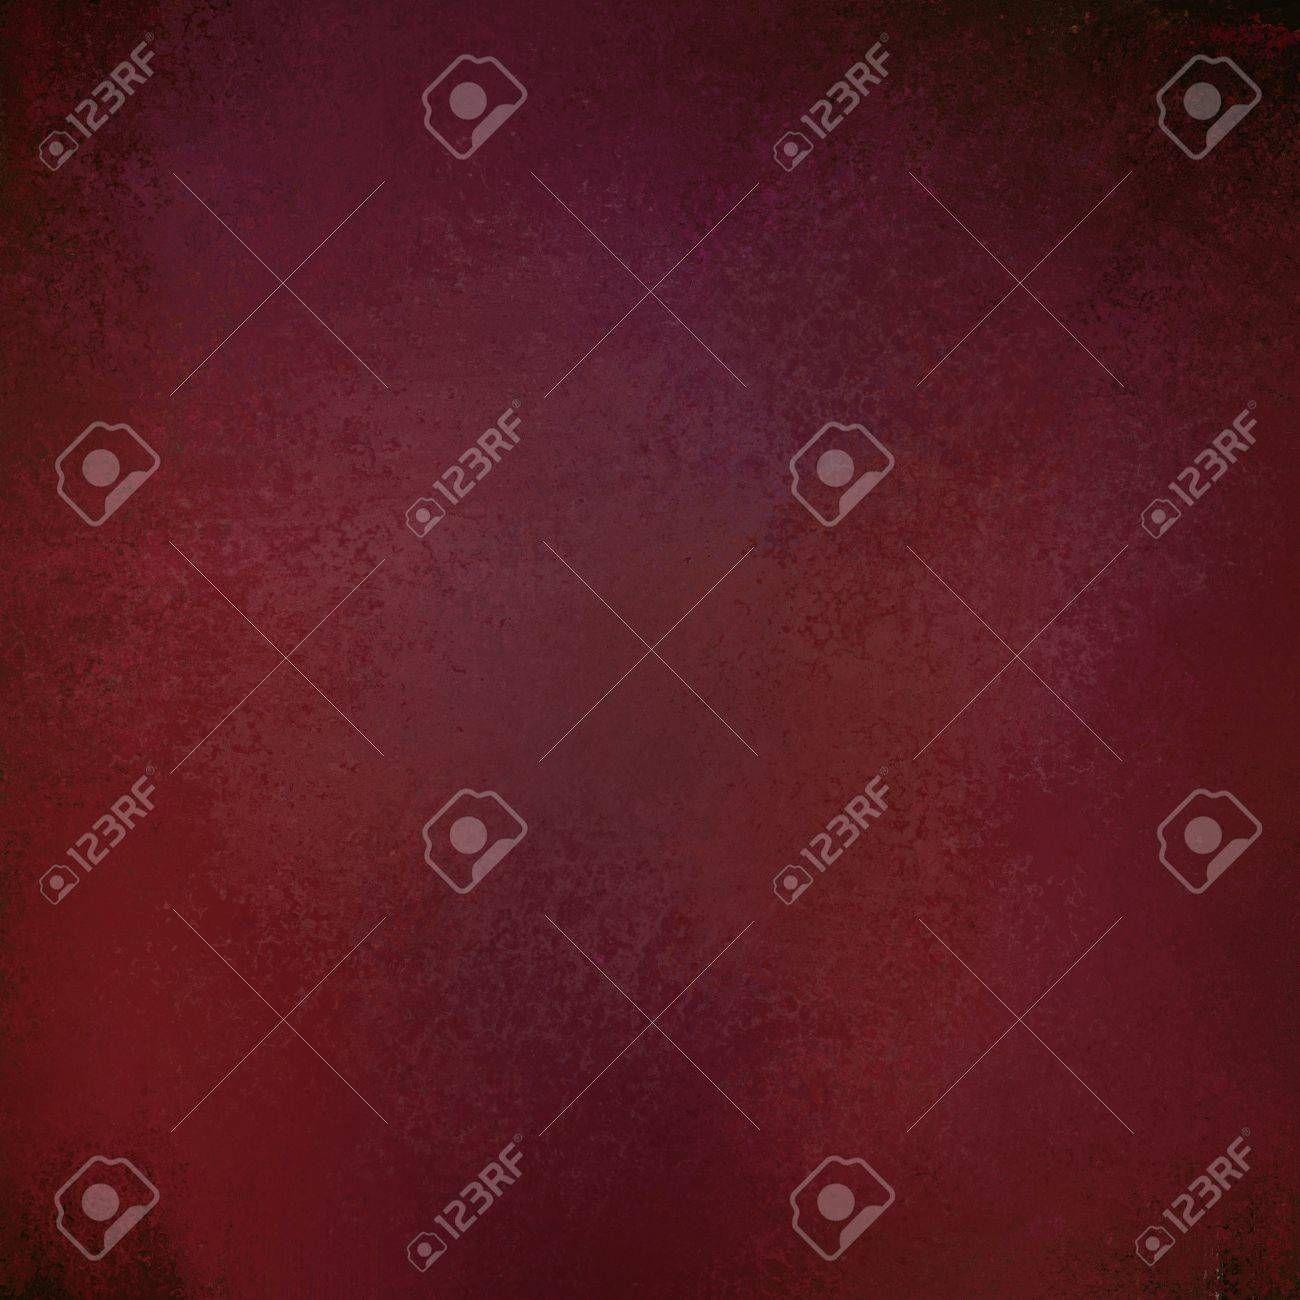 Dark Maroon Pink Red Black Grunge Background Texture Old Vintage Background Sponsored Pink Red Da Black Grunge Background Vintage Textured Background